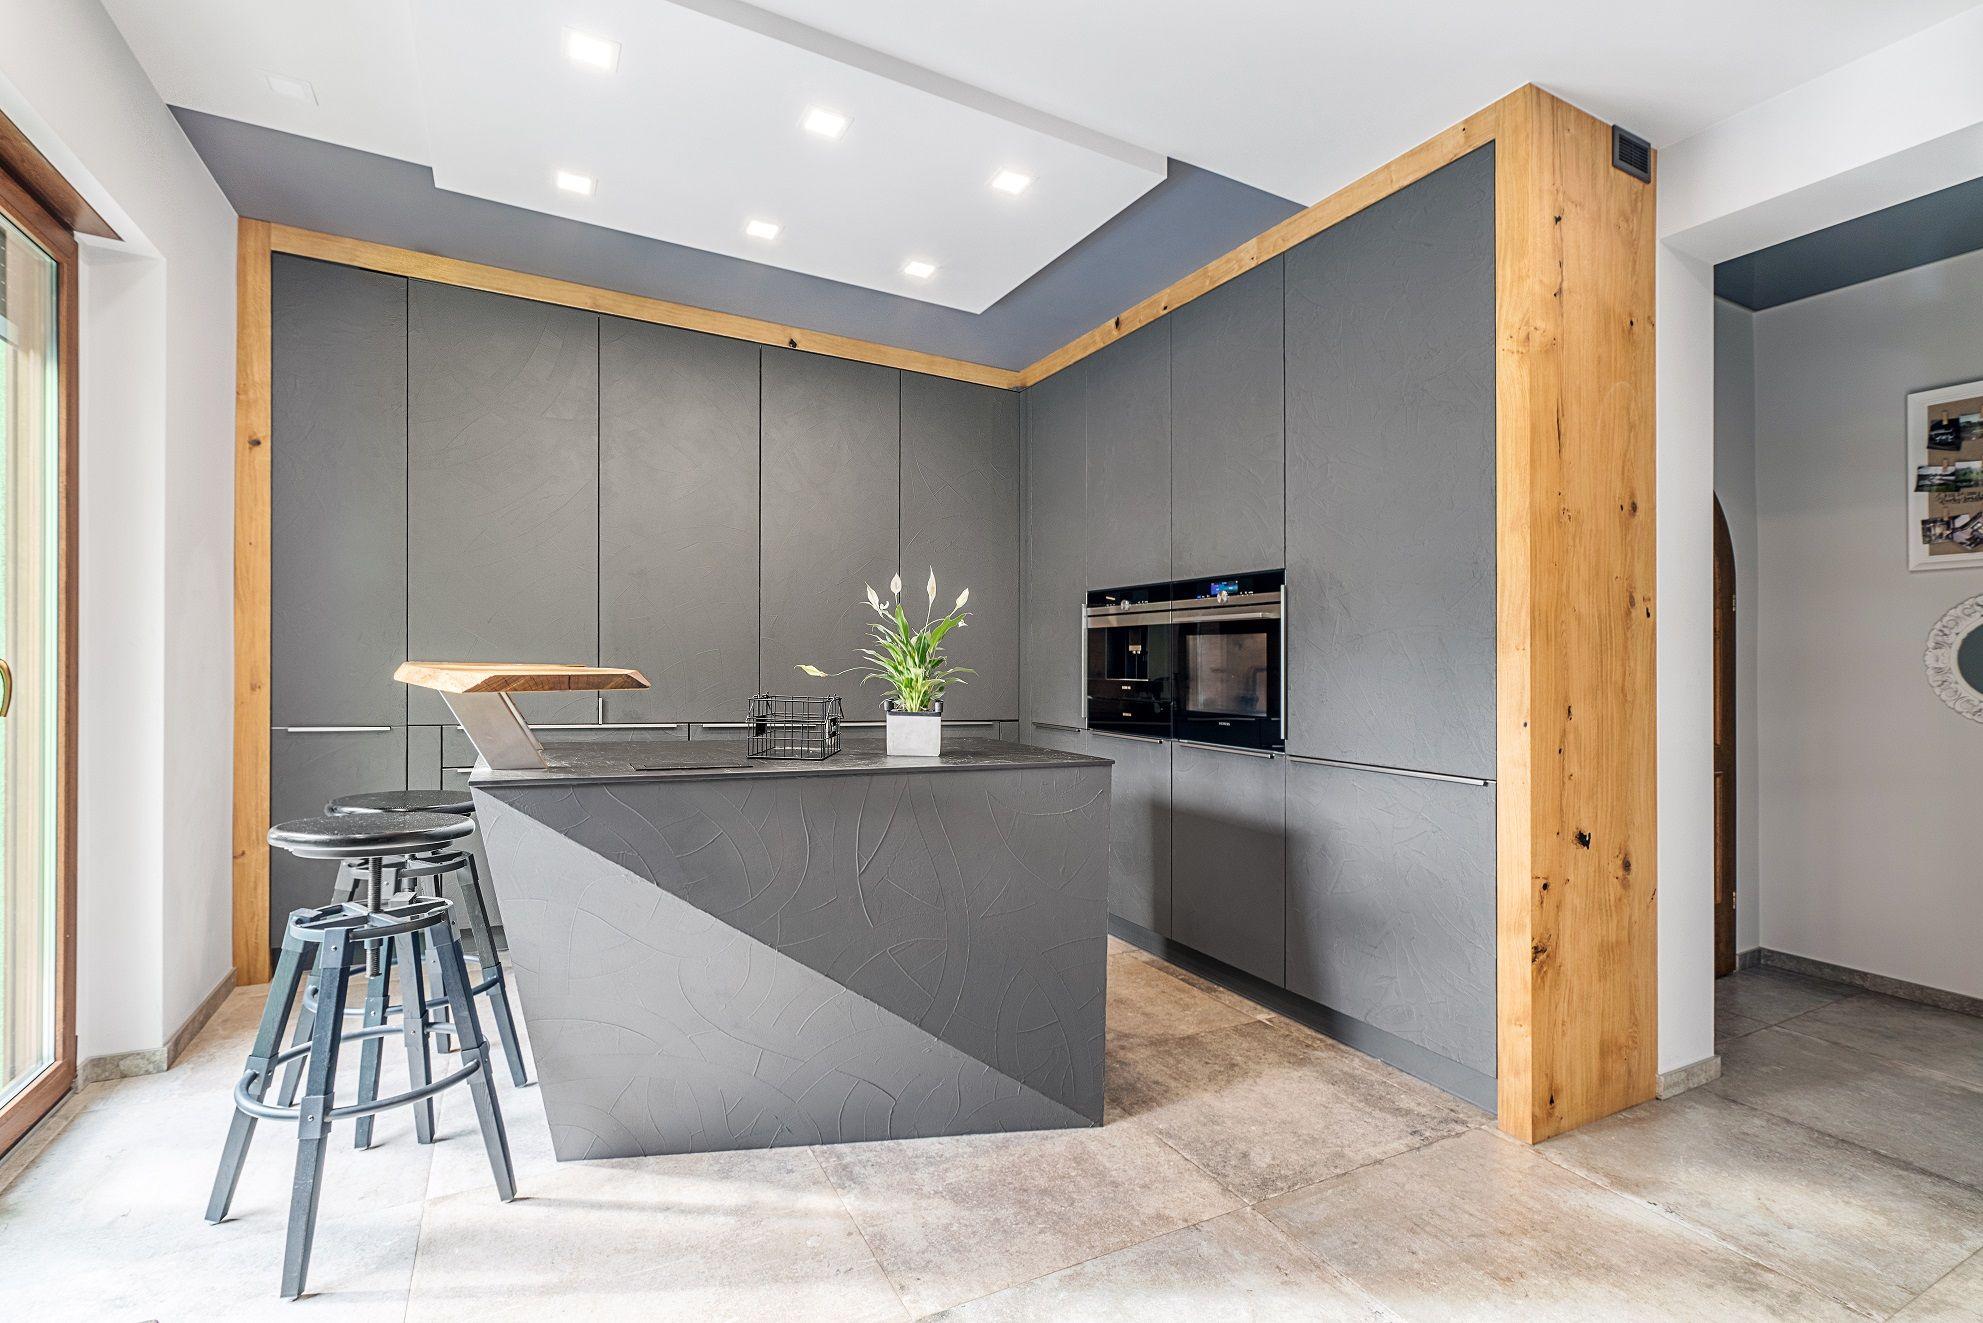 Minimalistyczna Kuchnia W Stylu Nowoczesnym Idealnie Wkomponowuje Sie W Aranzacje Mieszkania I Stanowi Estetyczne Tlo Dla Tego Co Furniture Room Divider Decor